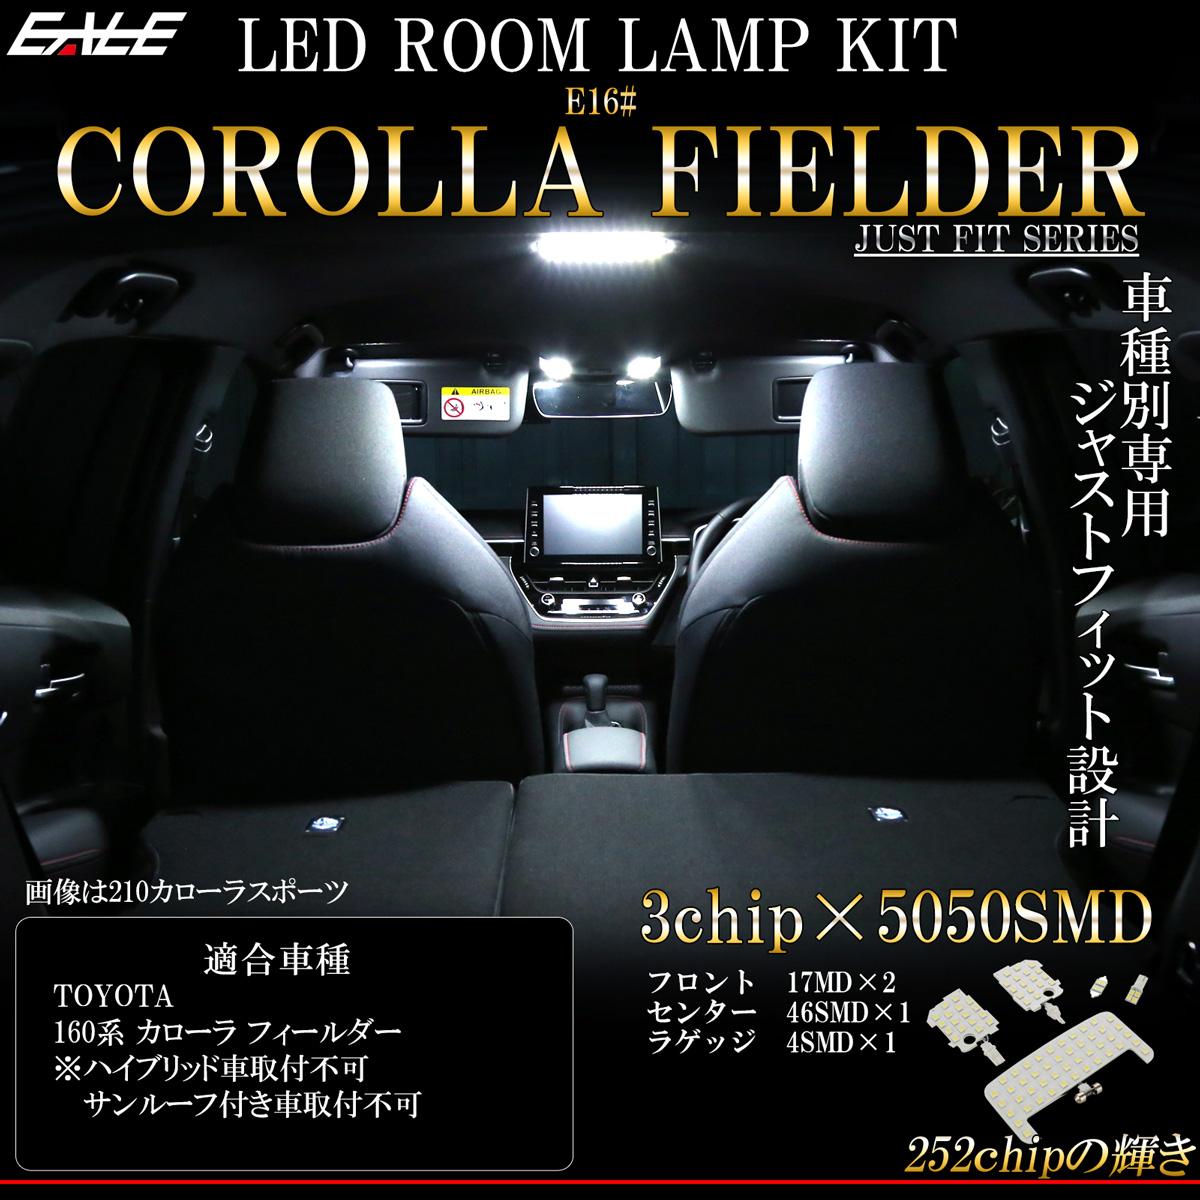 【ネコポス可】 160系 カローラ フィールダー LED ルームランプ 専用設計 前期 後期 純白光 7000K ホワイト トヨタ車 R-487